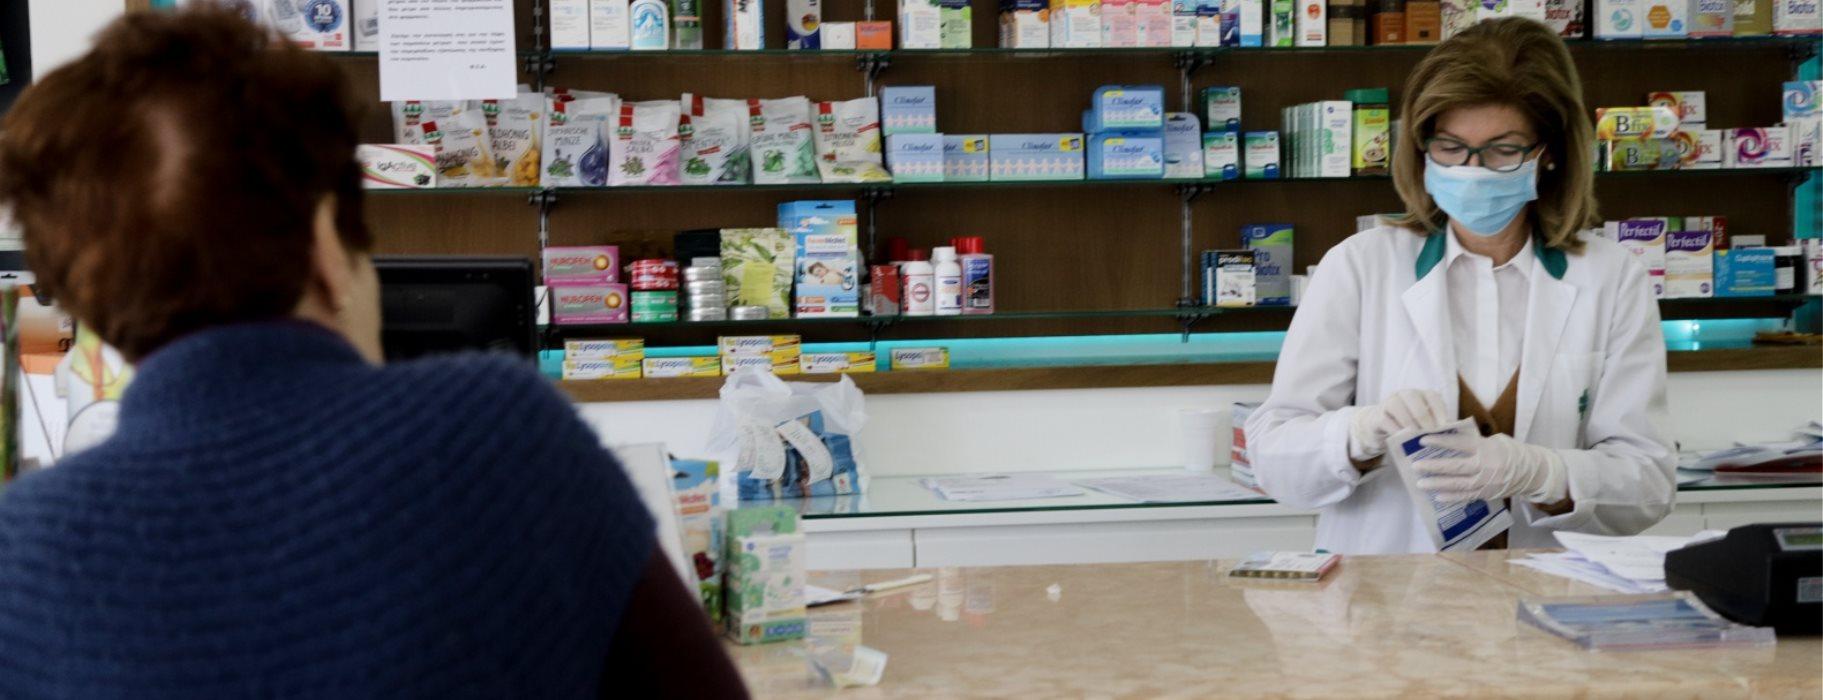 Εξαφανίστηκαν depon και Panadol από τα φαρμακεία